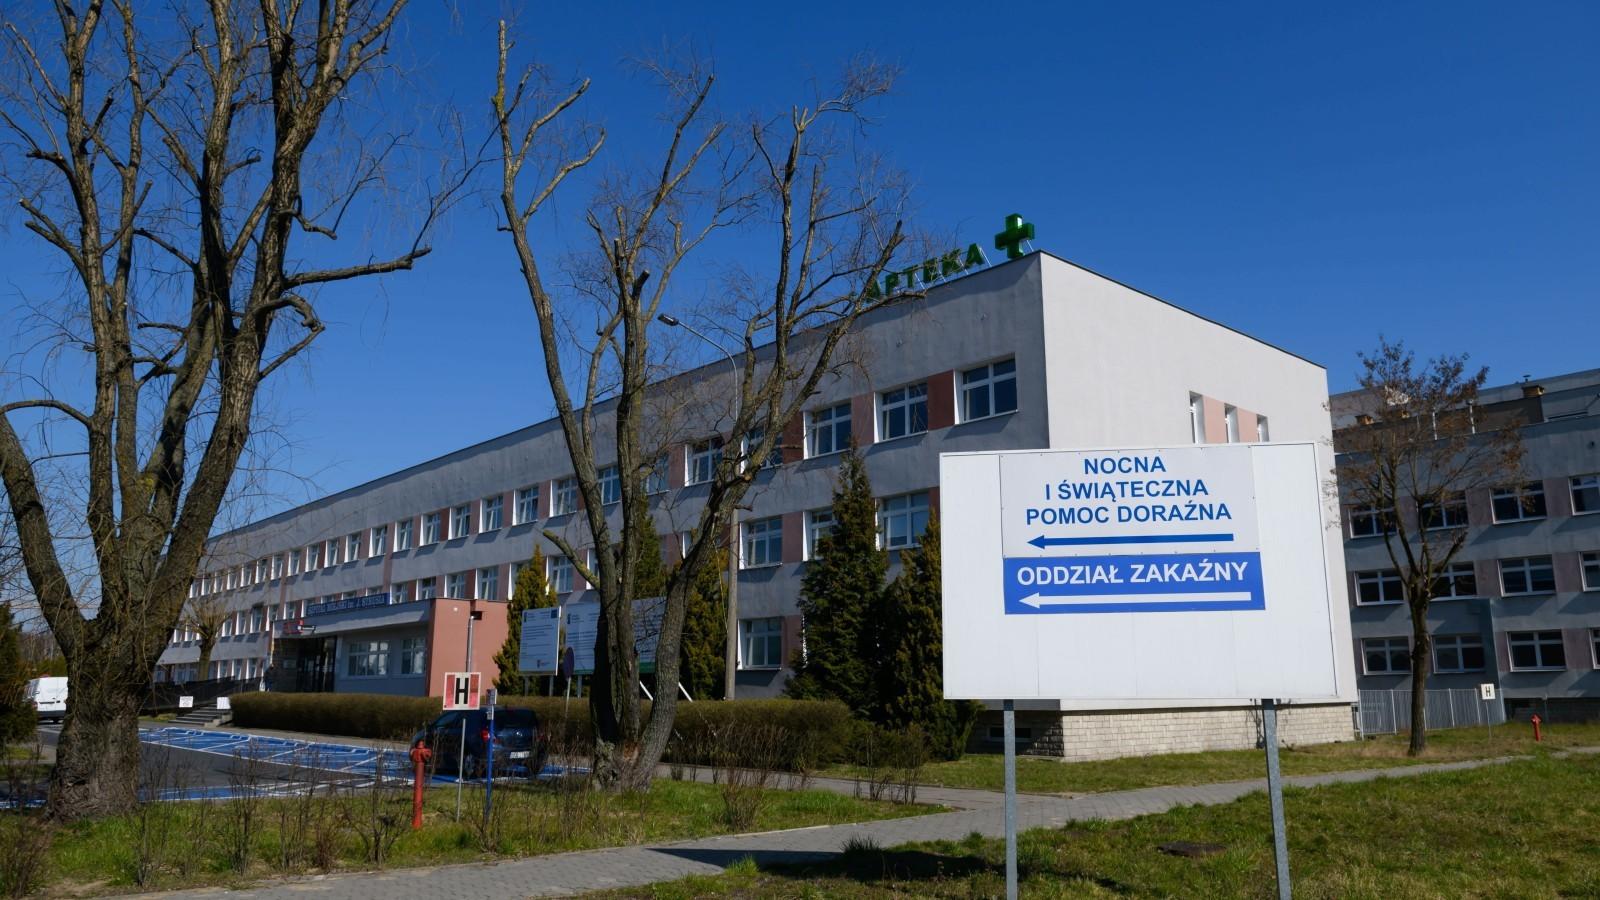 24.03.2020 | Szpitale apelują o środki ochrony osobistej